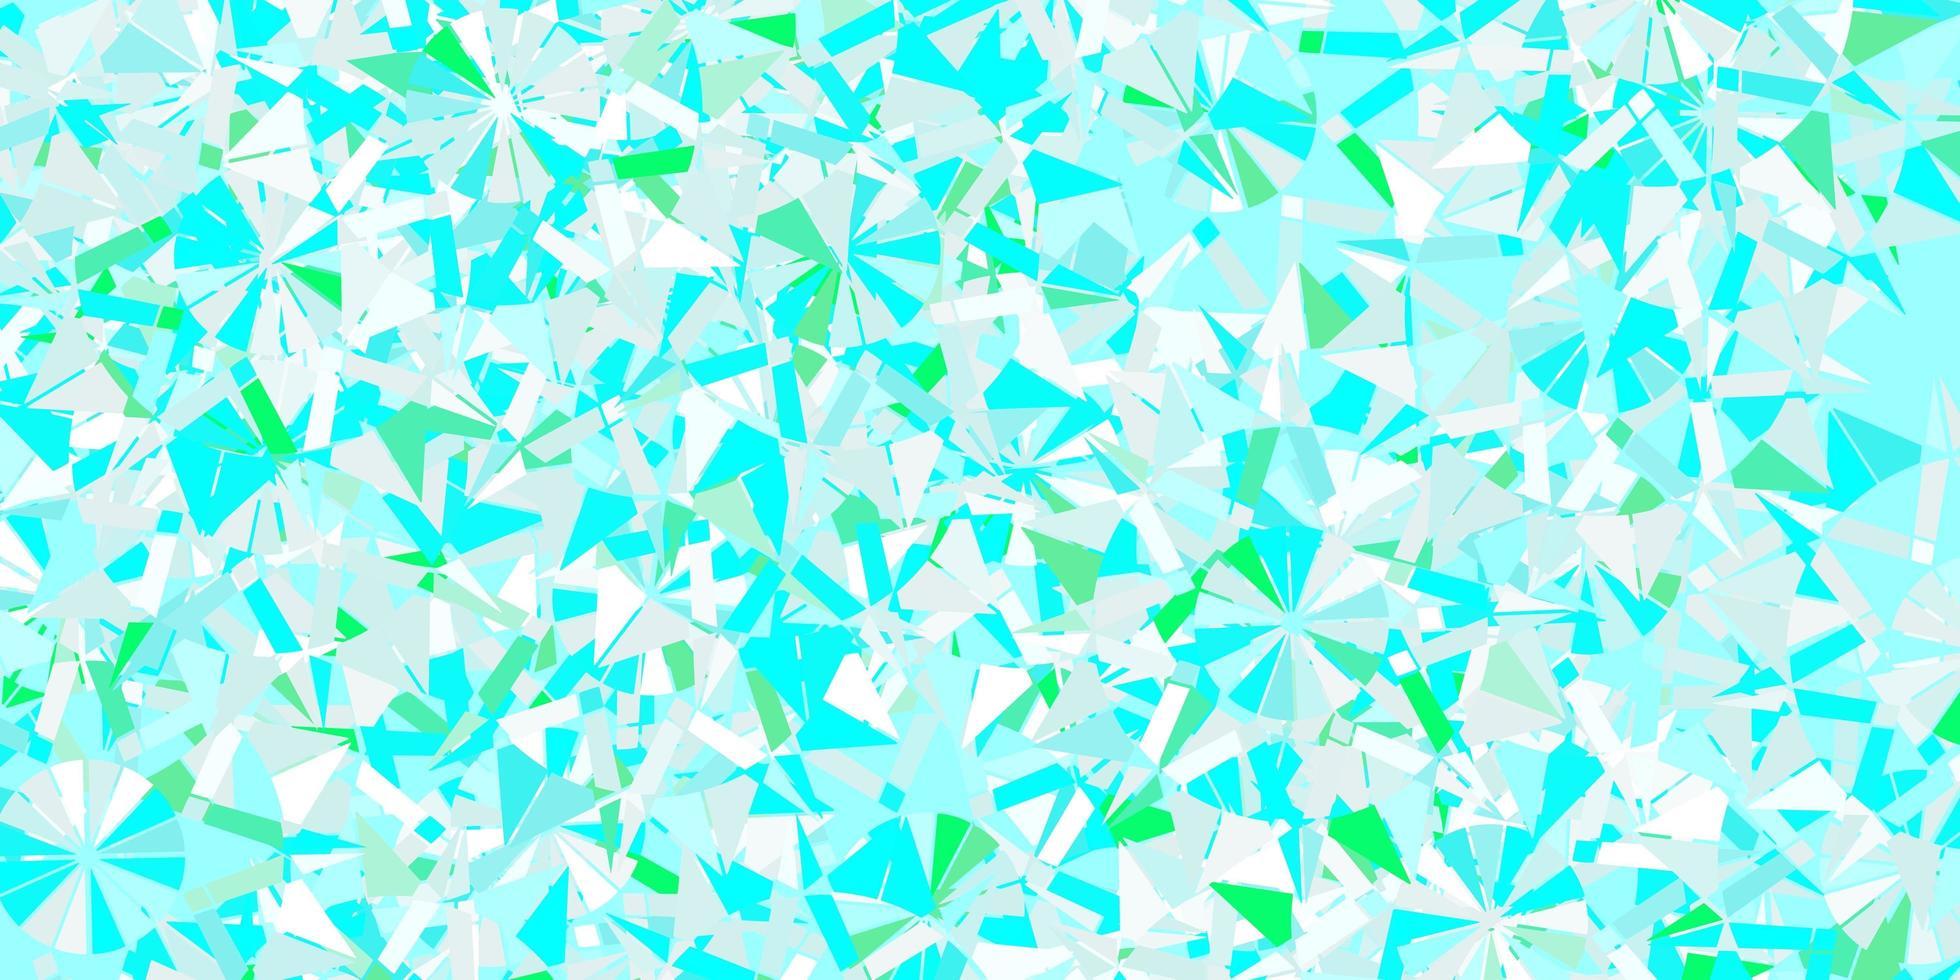 hellblaues, grünes Vektorlayout mit schönen Schneeflocken. vektor